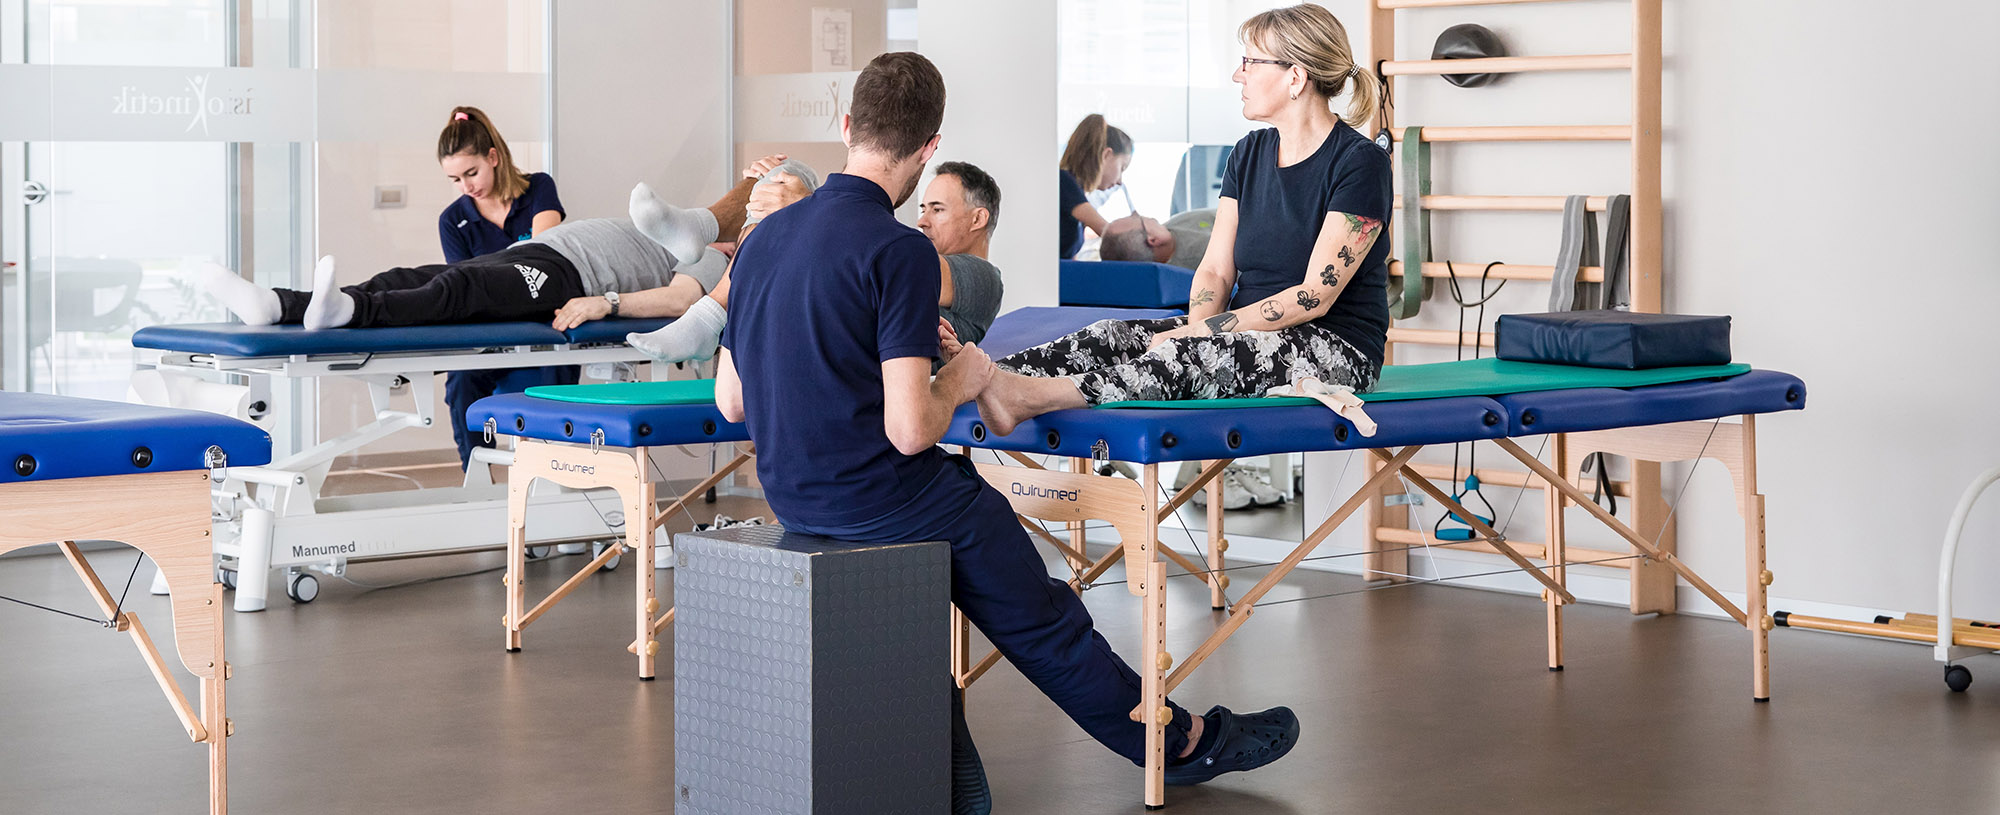 Fisioterapia e visite mediche specialistiche a Biella